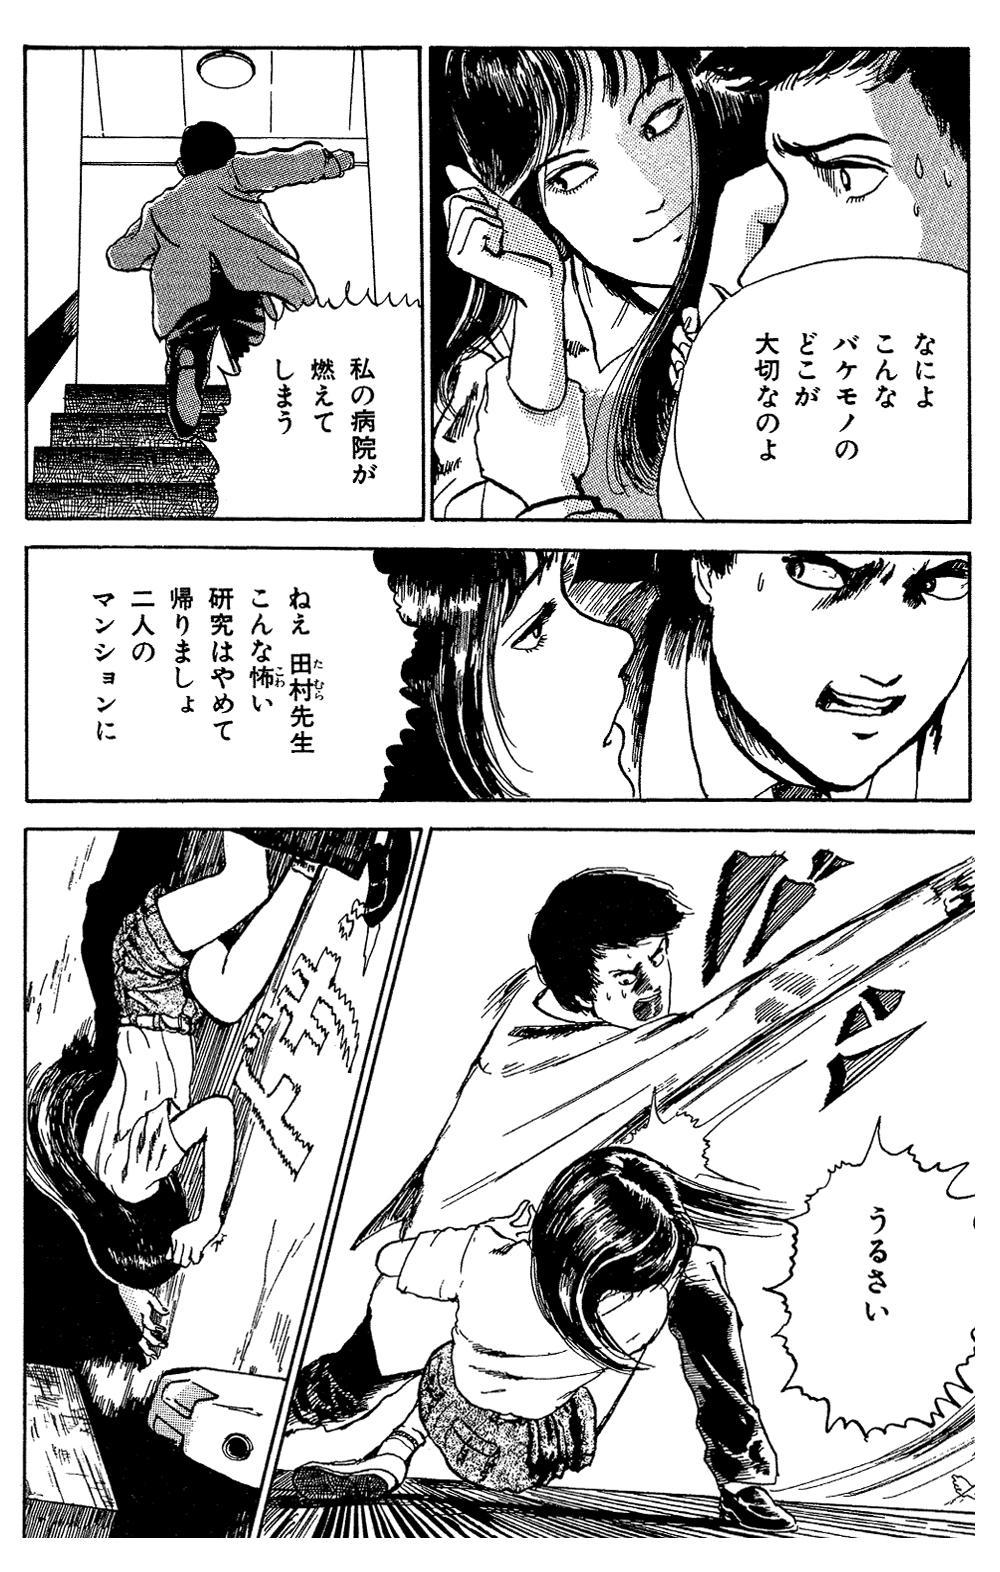 伊藤潤二傑作集 第3話「富江 地下室」④junji09-04.jpg